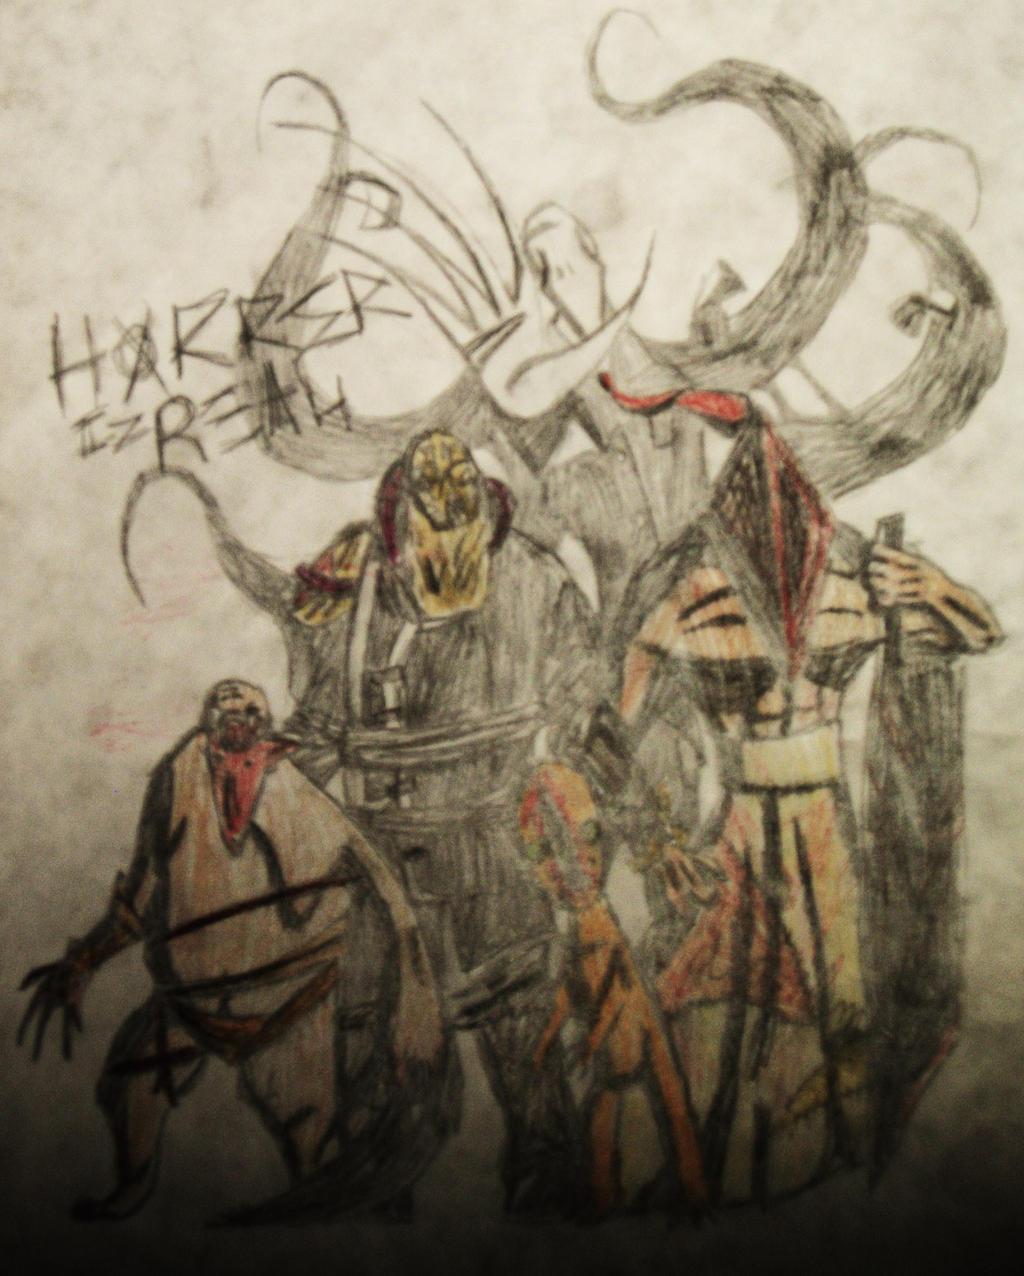 Horrer xxx wallpaper naked scenes